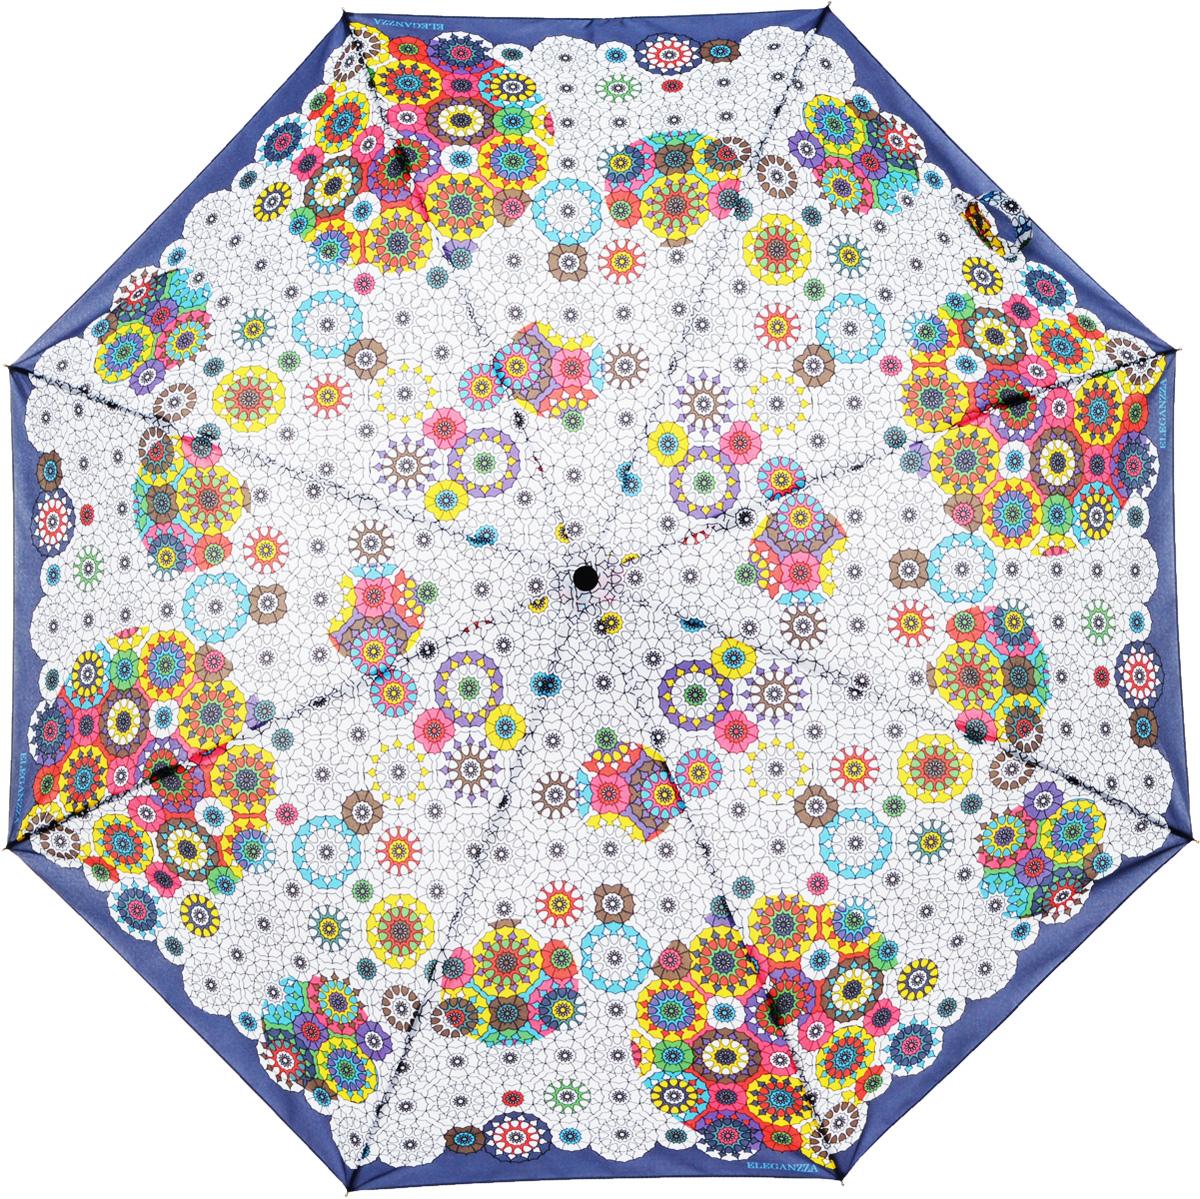 Зонт женский Eleganzza, автомат, 3 сложения, цвет: синий. A3-05-0306LSA3-05-0306LSЖенский зонт-автомат торговой марки ELEGANZZA с каркасом Smart, который позволяет без особых усилий складывать зонт, не позволяя стержню вылетать обратно. Купол: 100% полиэстер, эпонж. Материал каркаса: сталь + алюминий + фибергласс. Материал ручки: пластик. Длина изделия - 30 см. Диаметр купола - 105 см. Система Smart, не позволяет стержню при сложении вылететь обратно, это облегчает сложение зонта! При сложении есть характерный звук-треск, как трещетка. Примечание: зонт не откроется с кнопки если его не закрыть до щелчка!